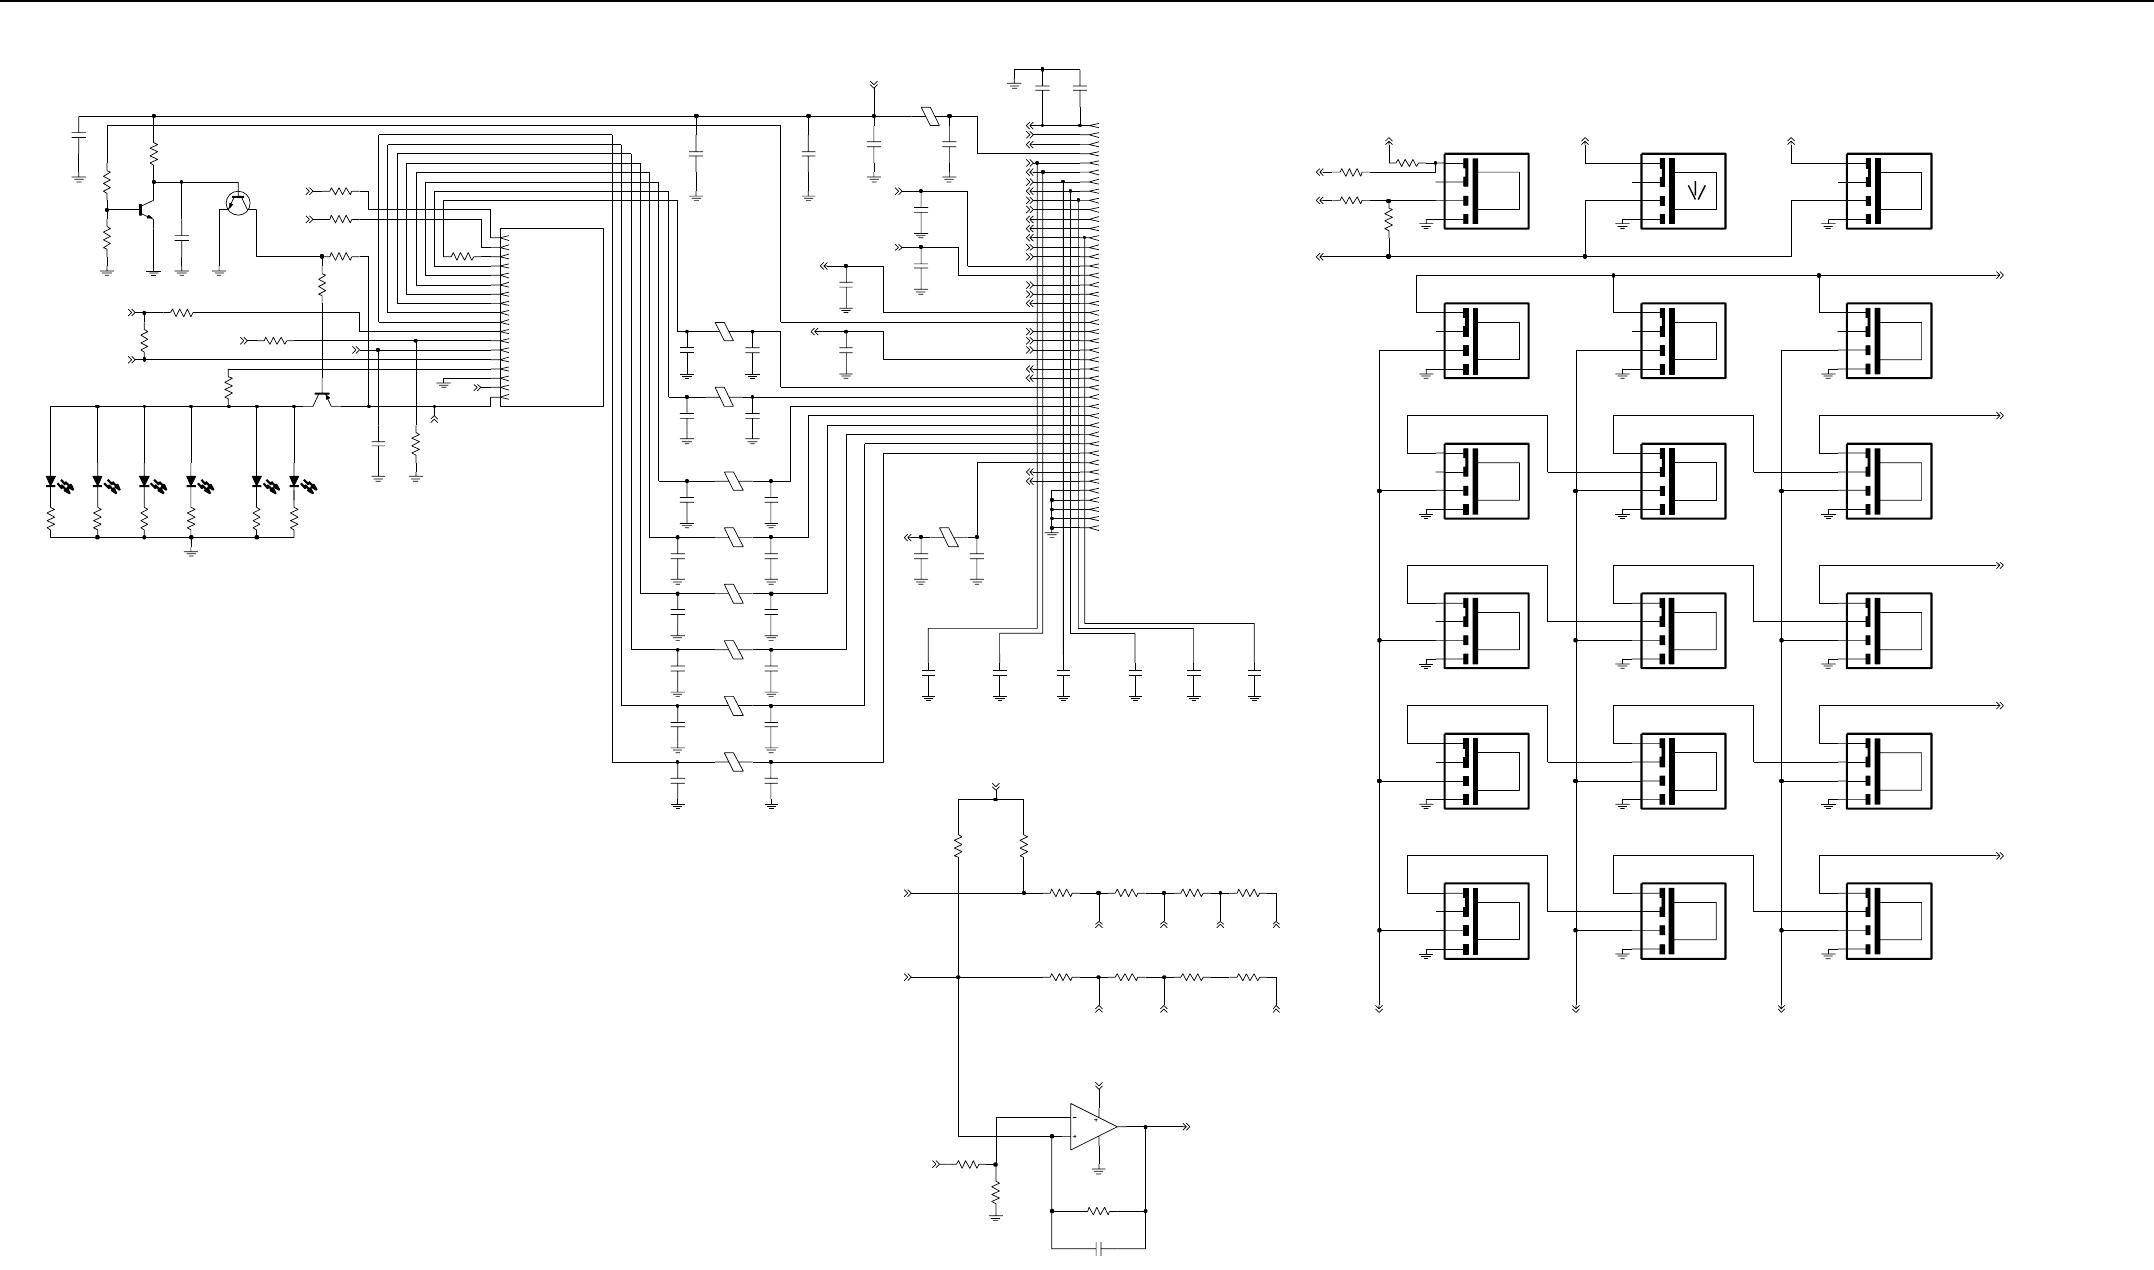 Motorola M300 Radio Wiring Diagram Electrical Diagrams Cdm1250 4110j64 Detailedbook Gp Series Gp328 Gp338 Detailed Service Manual Pioneer Premier